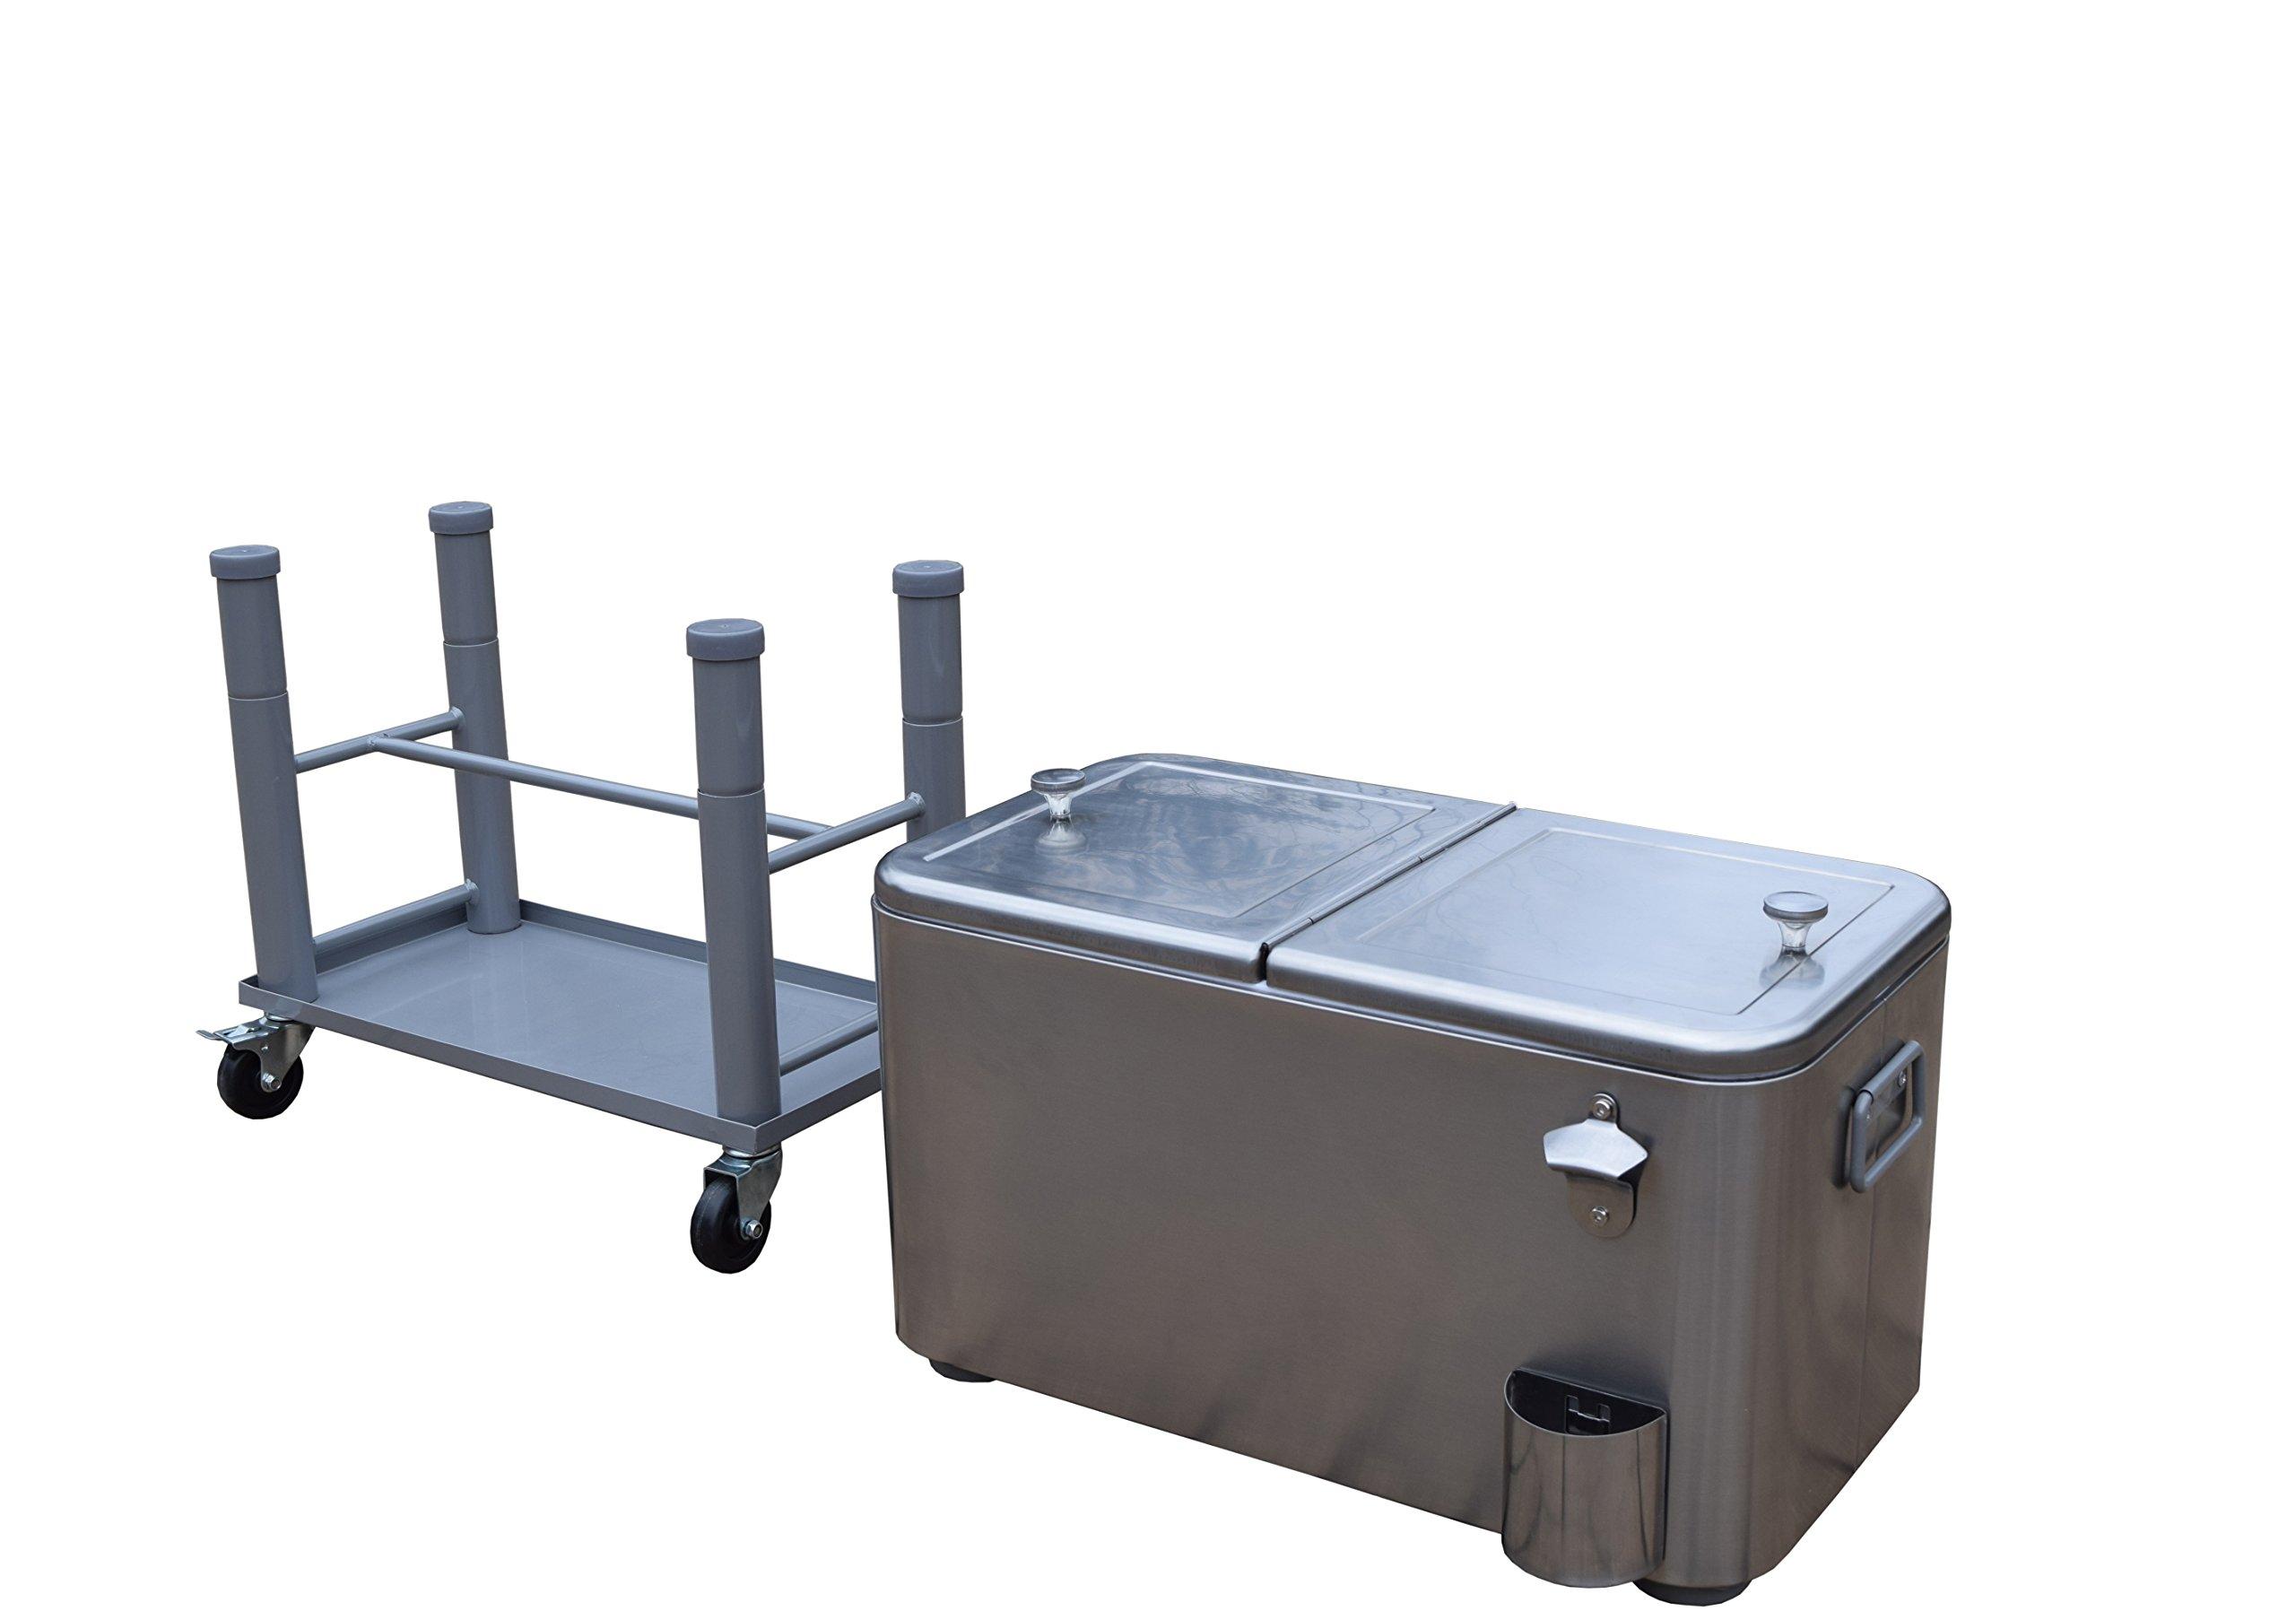 Oakland Living AZ91008-60-SS Stainless Steel 15 Gallon Cart Outdoor Cooler with Wheels, Medium